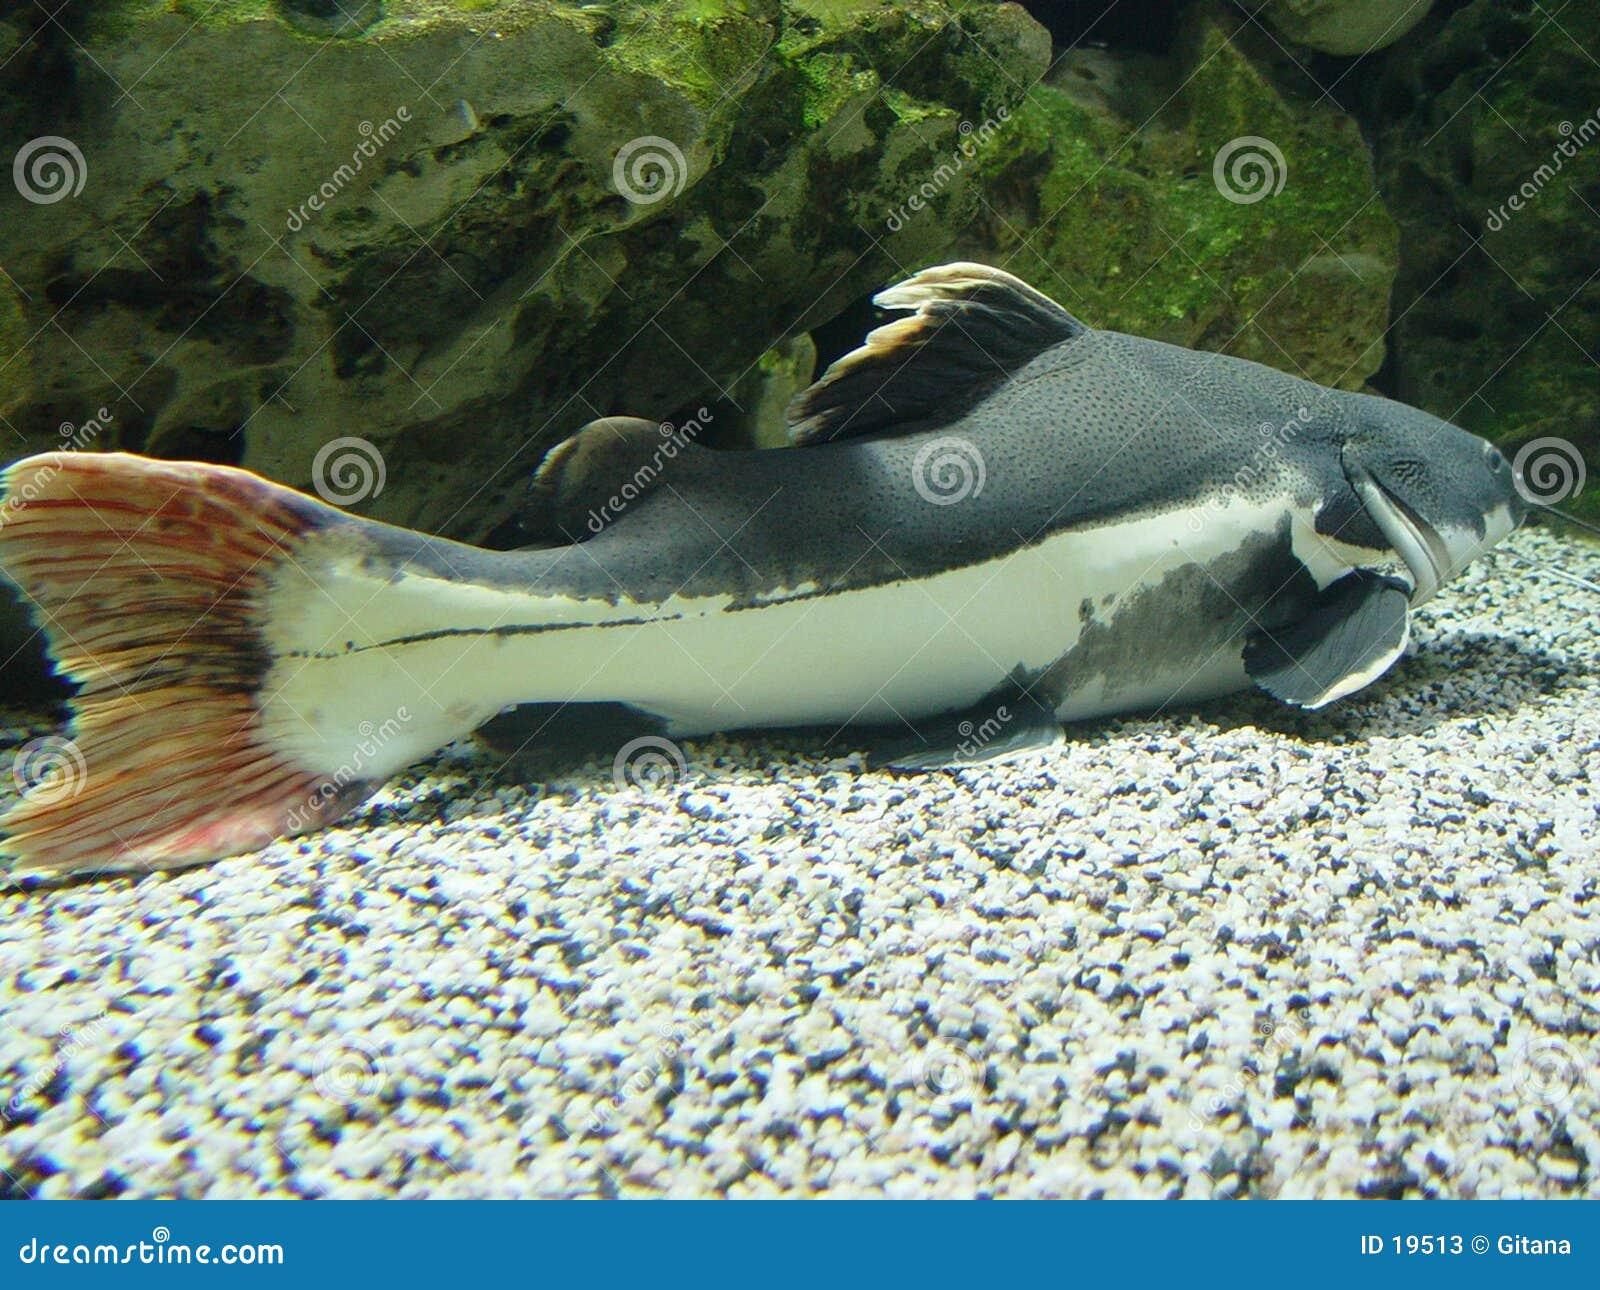 Fish long beard